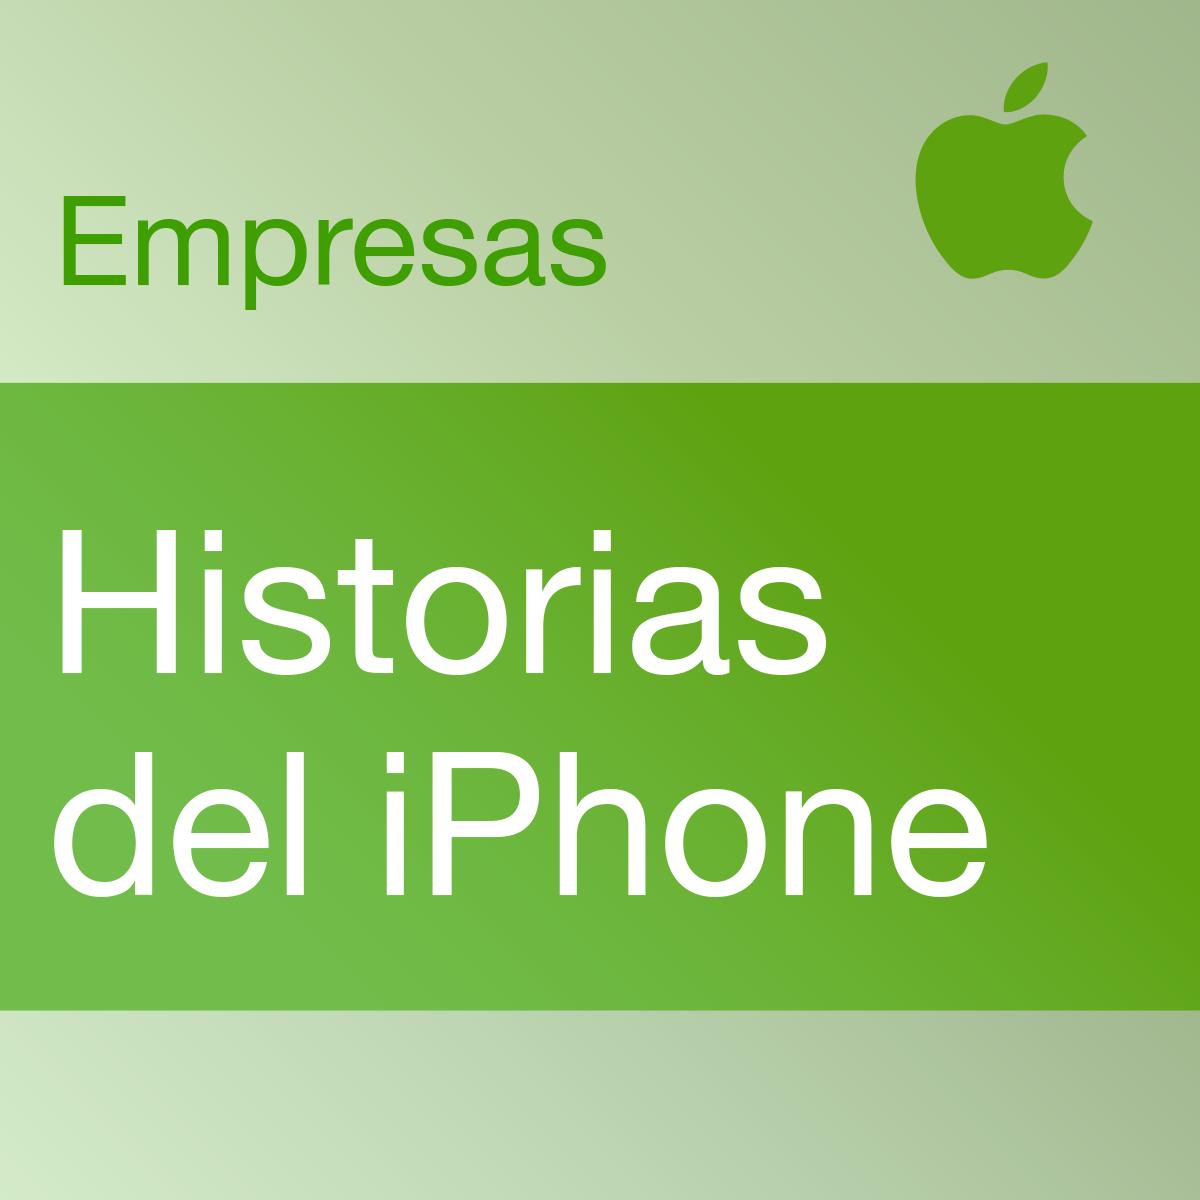 El iPhone en la empresa: Historias de clientes — Grandes empresas